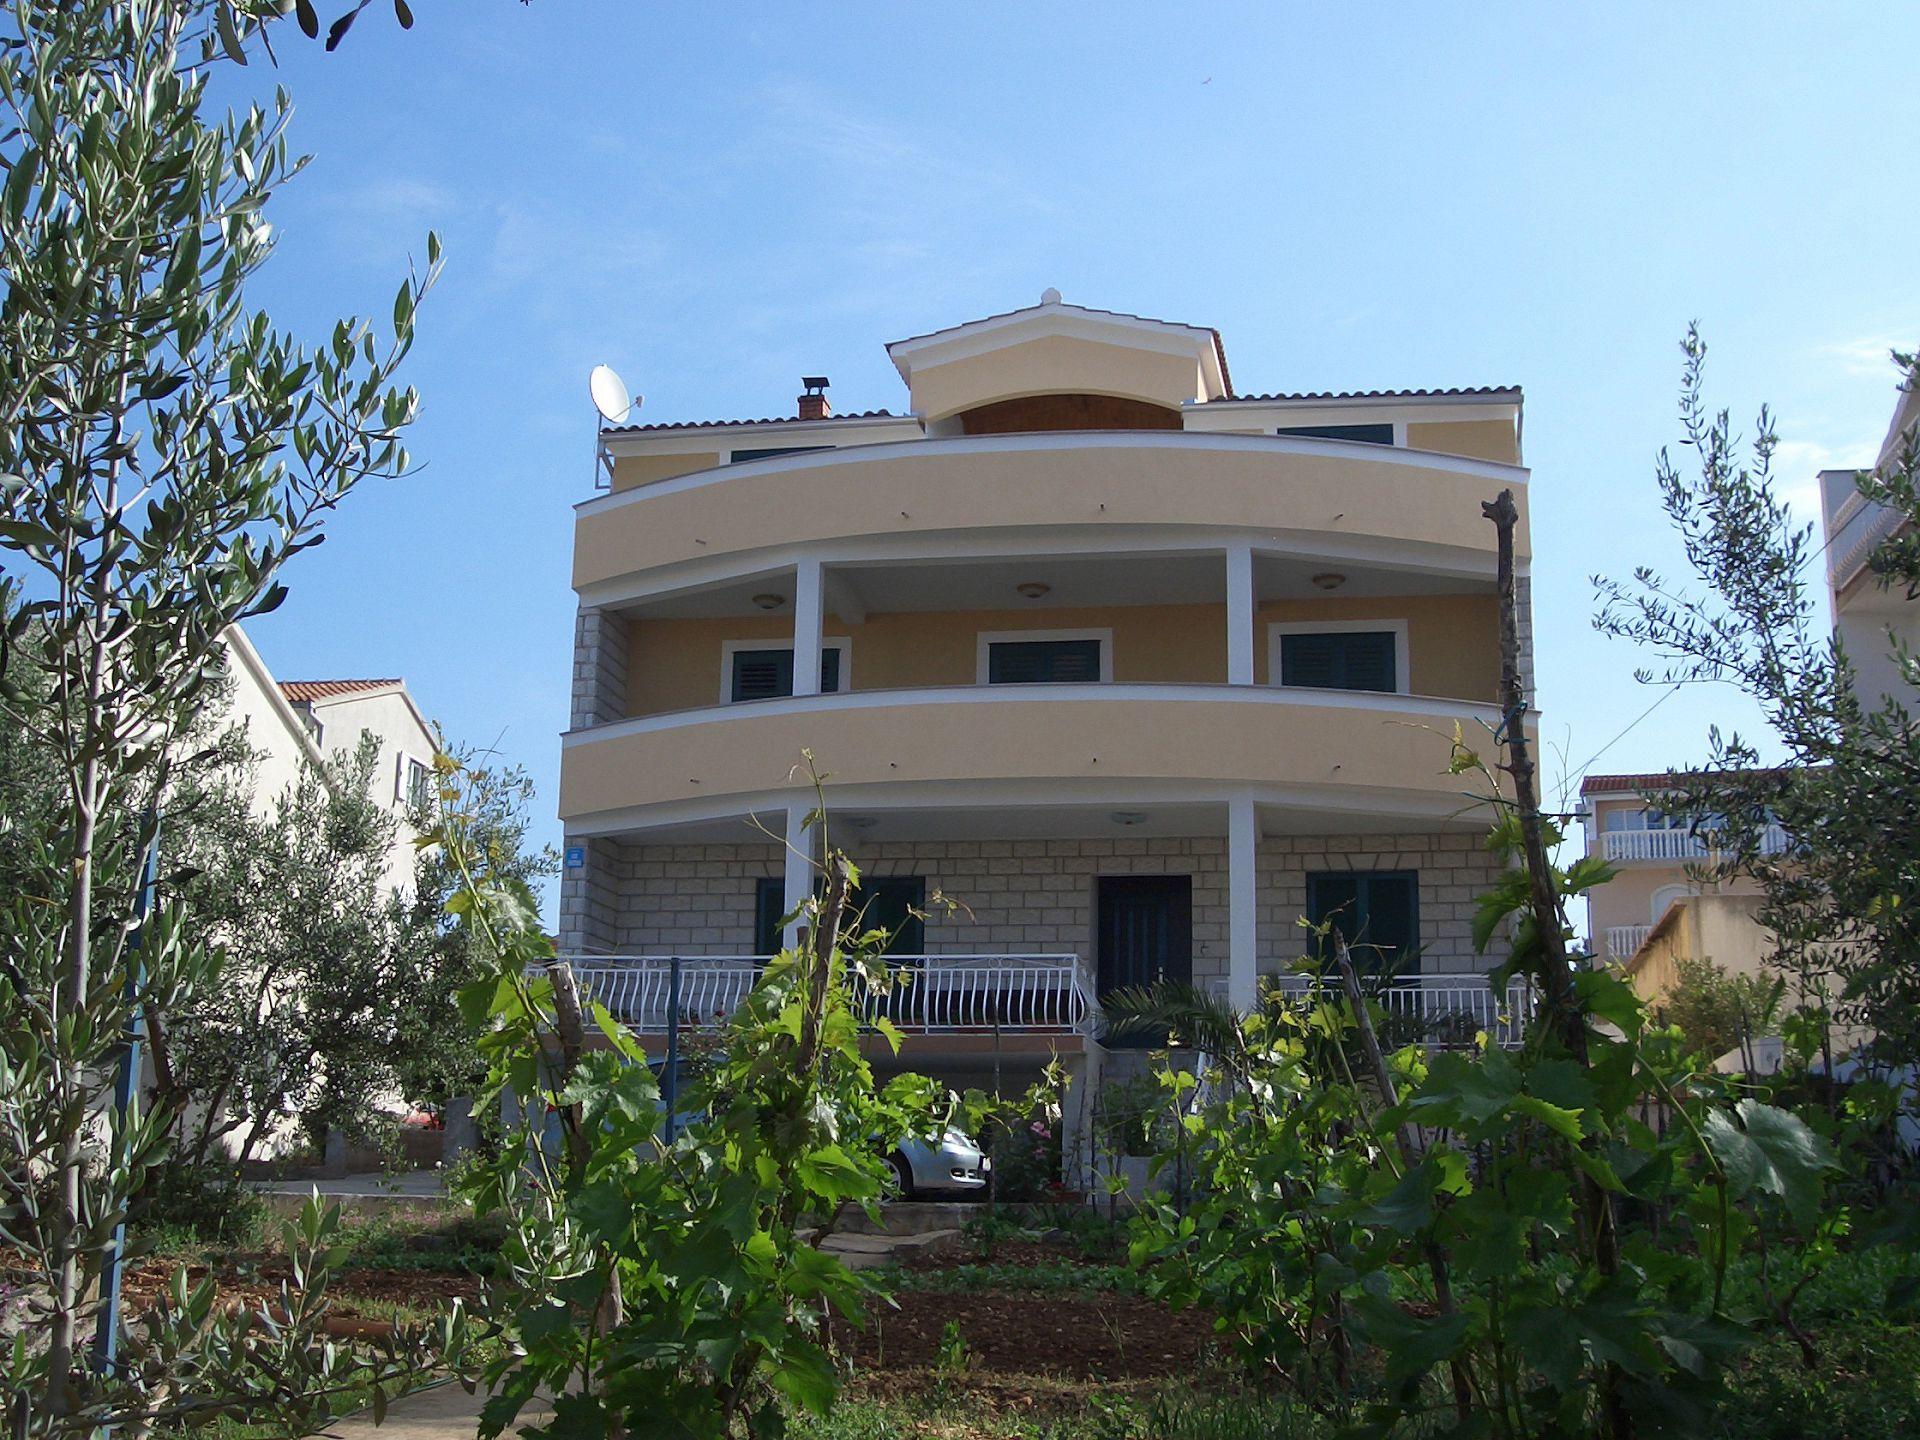 4943  - Brodarica - Appartementen Kroatië